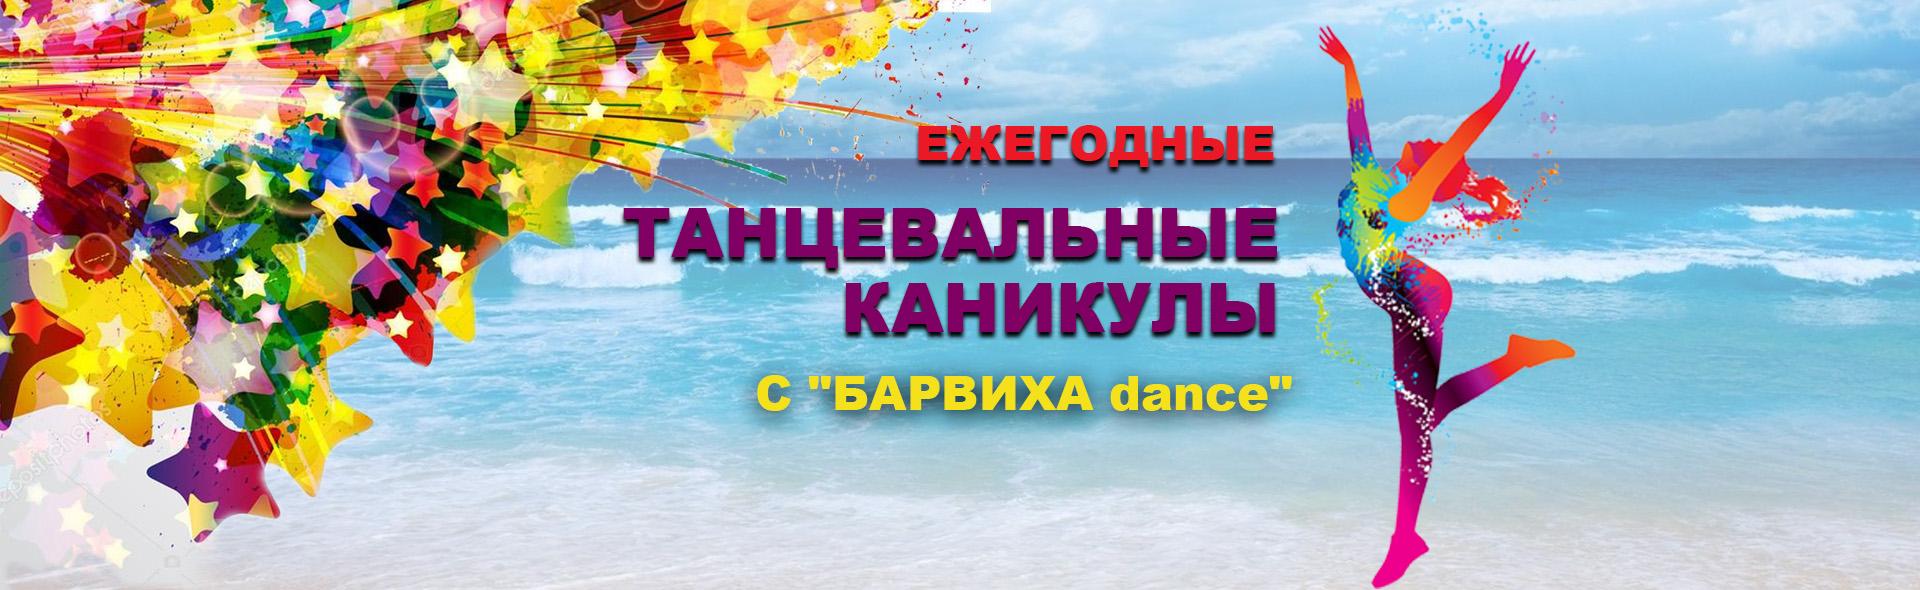 Слайд ежегодные танц каникулы